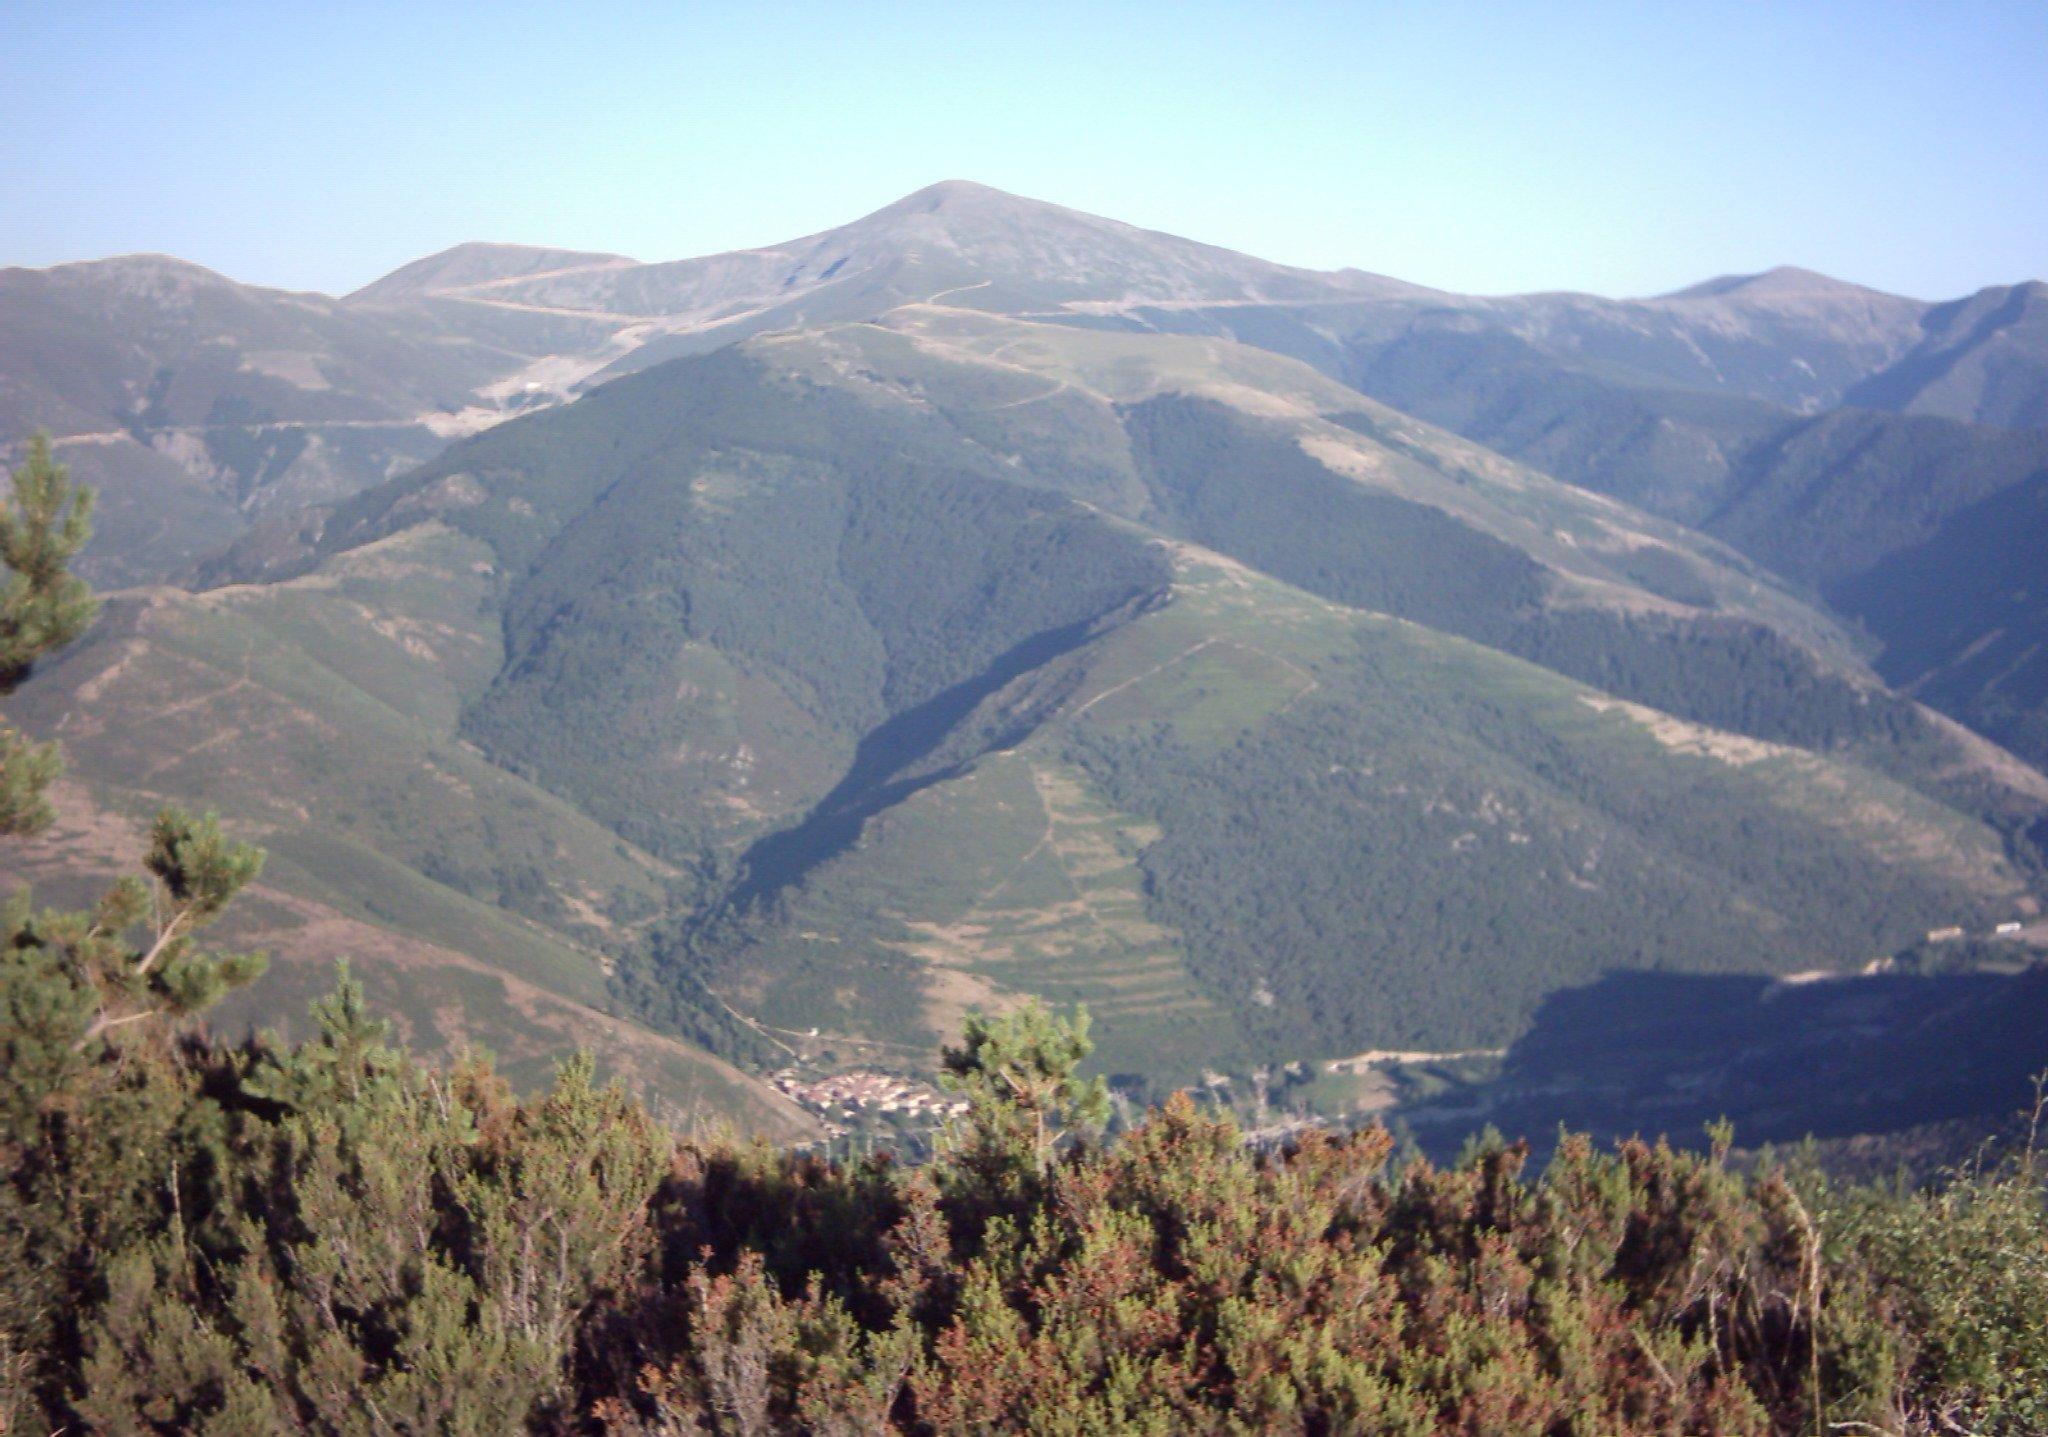 Depiction of Sierra de la Demanda